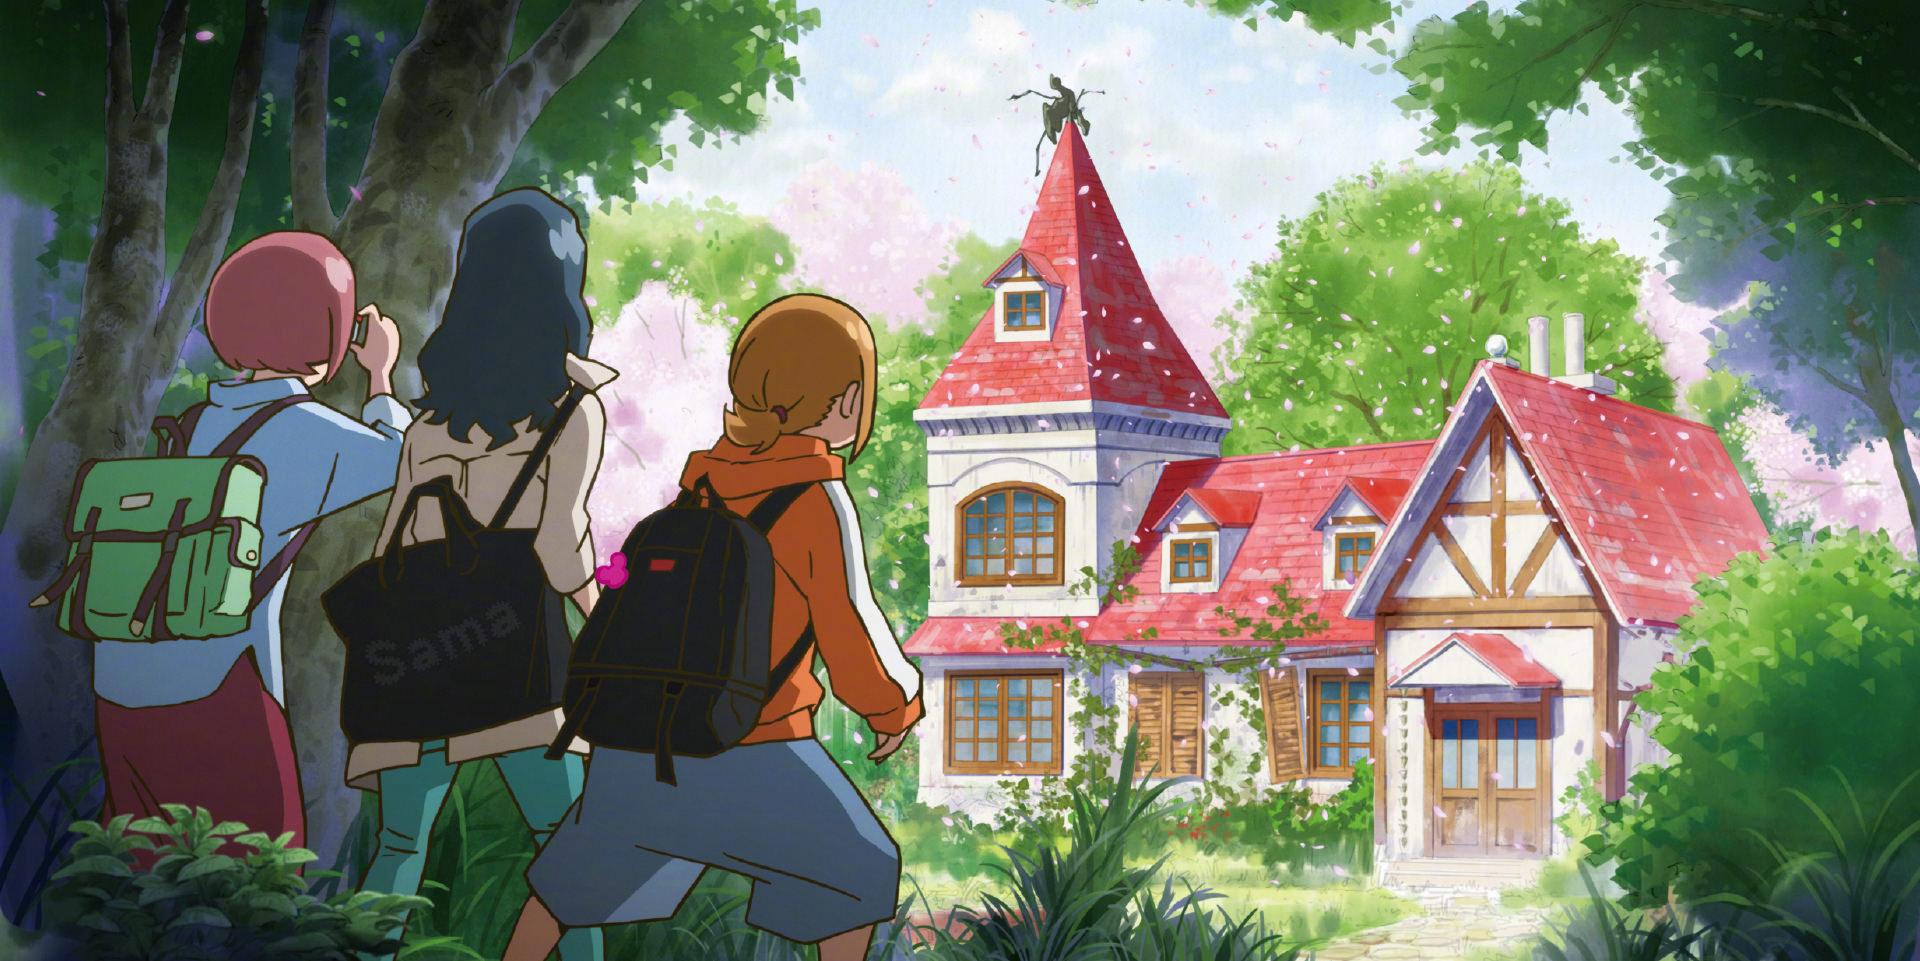 小魔女doremi长大后_《小魔女DoReMi》20周年纪念电影,「寻找见习魔女」设定图公开 ...